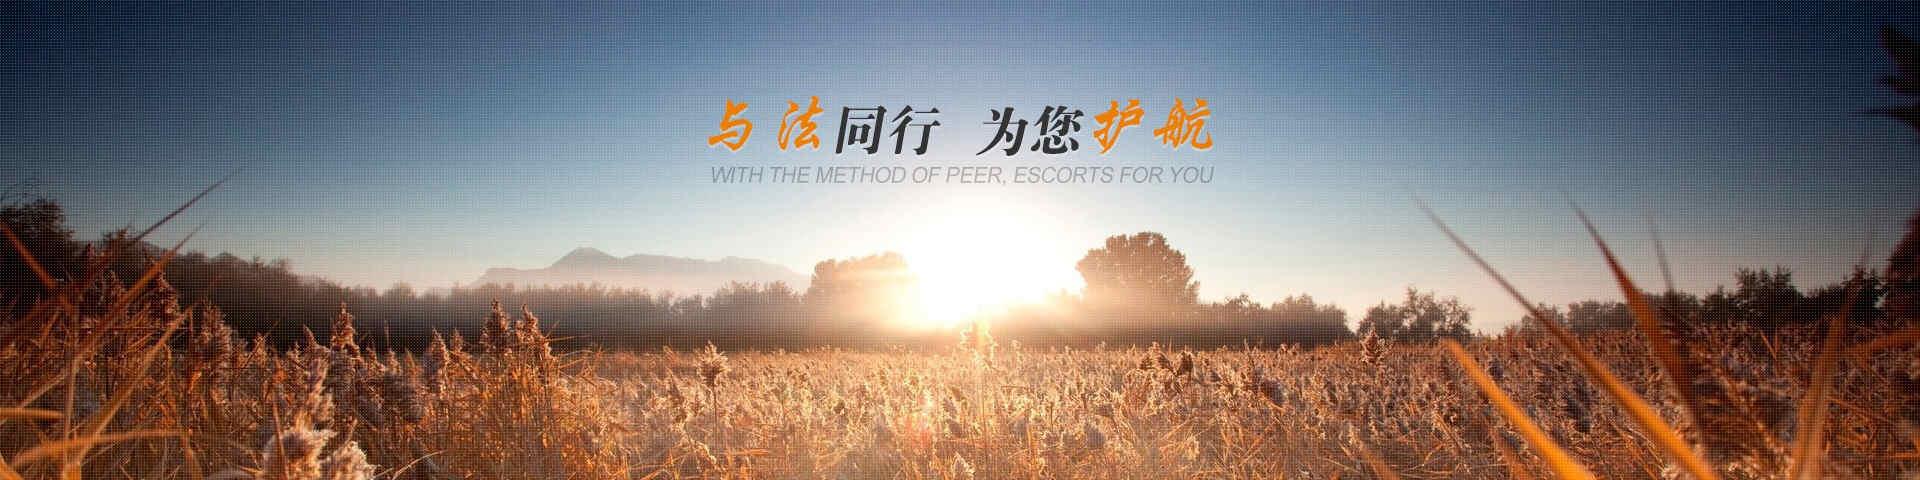 深圳劳动律师网111